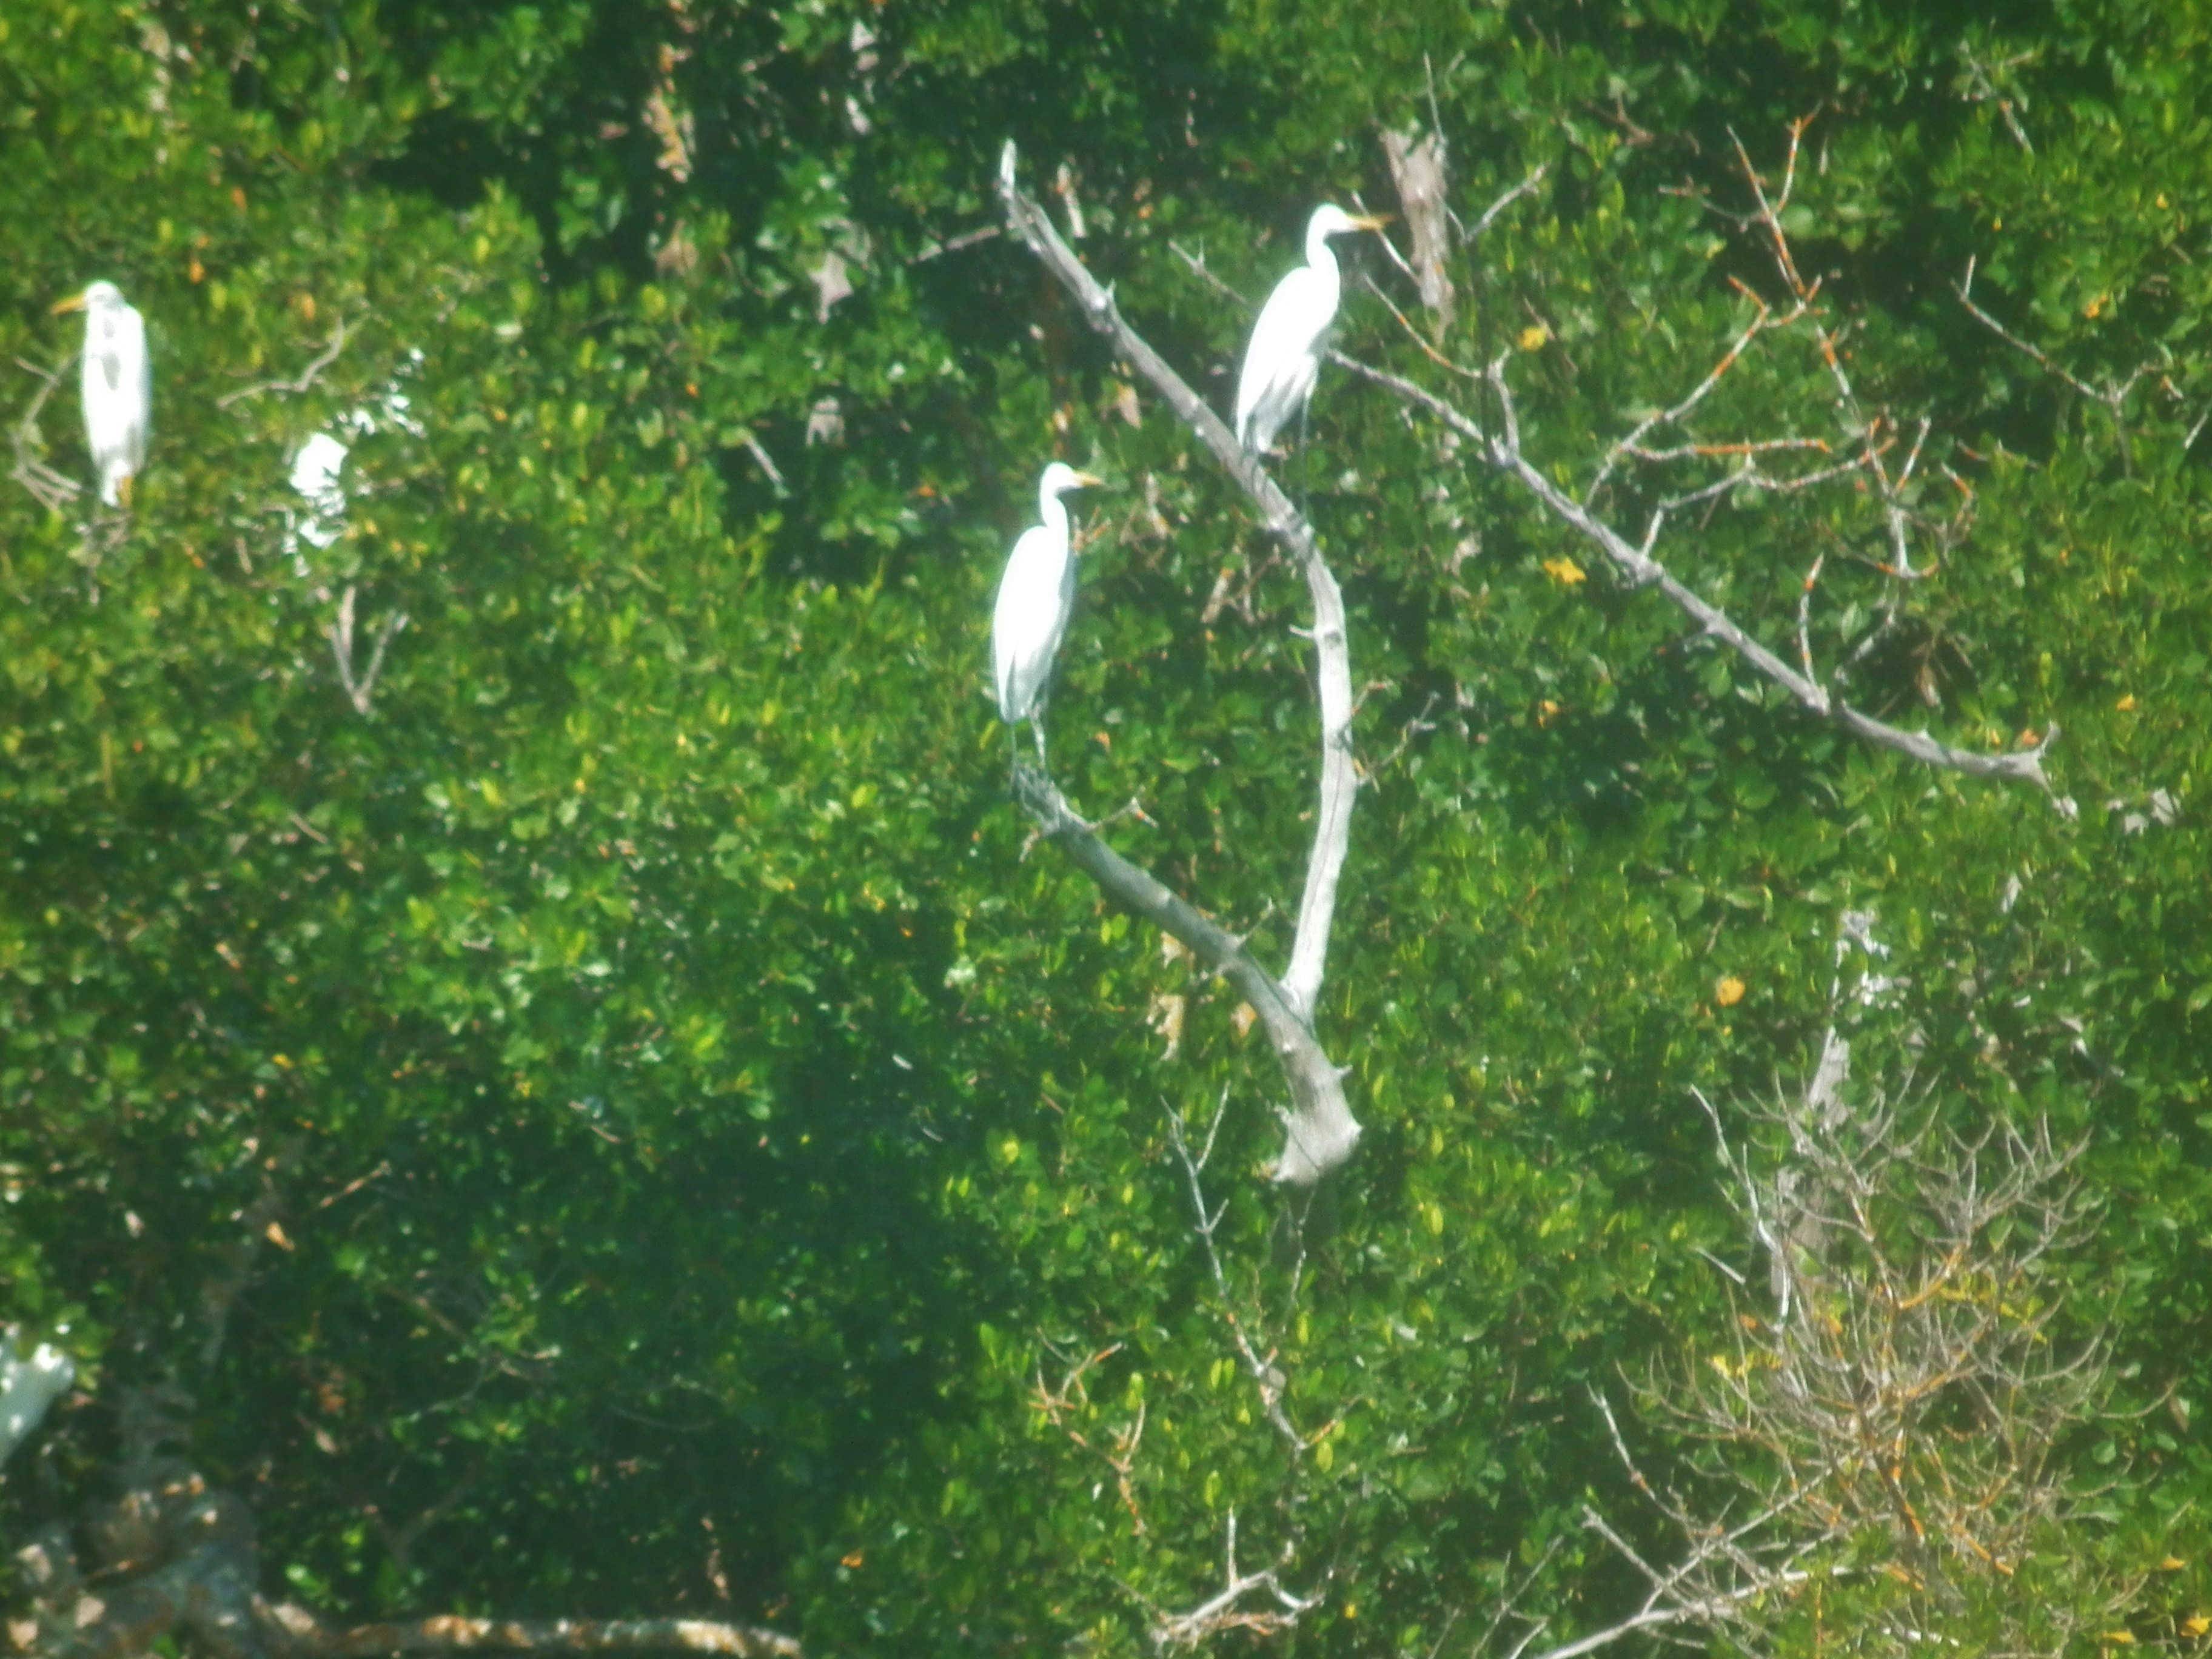 Bird Watching in the Everglades